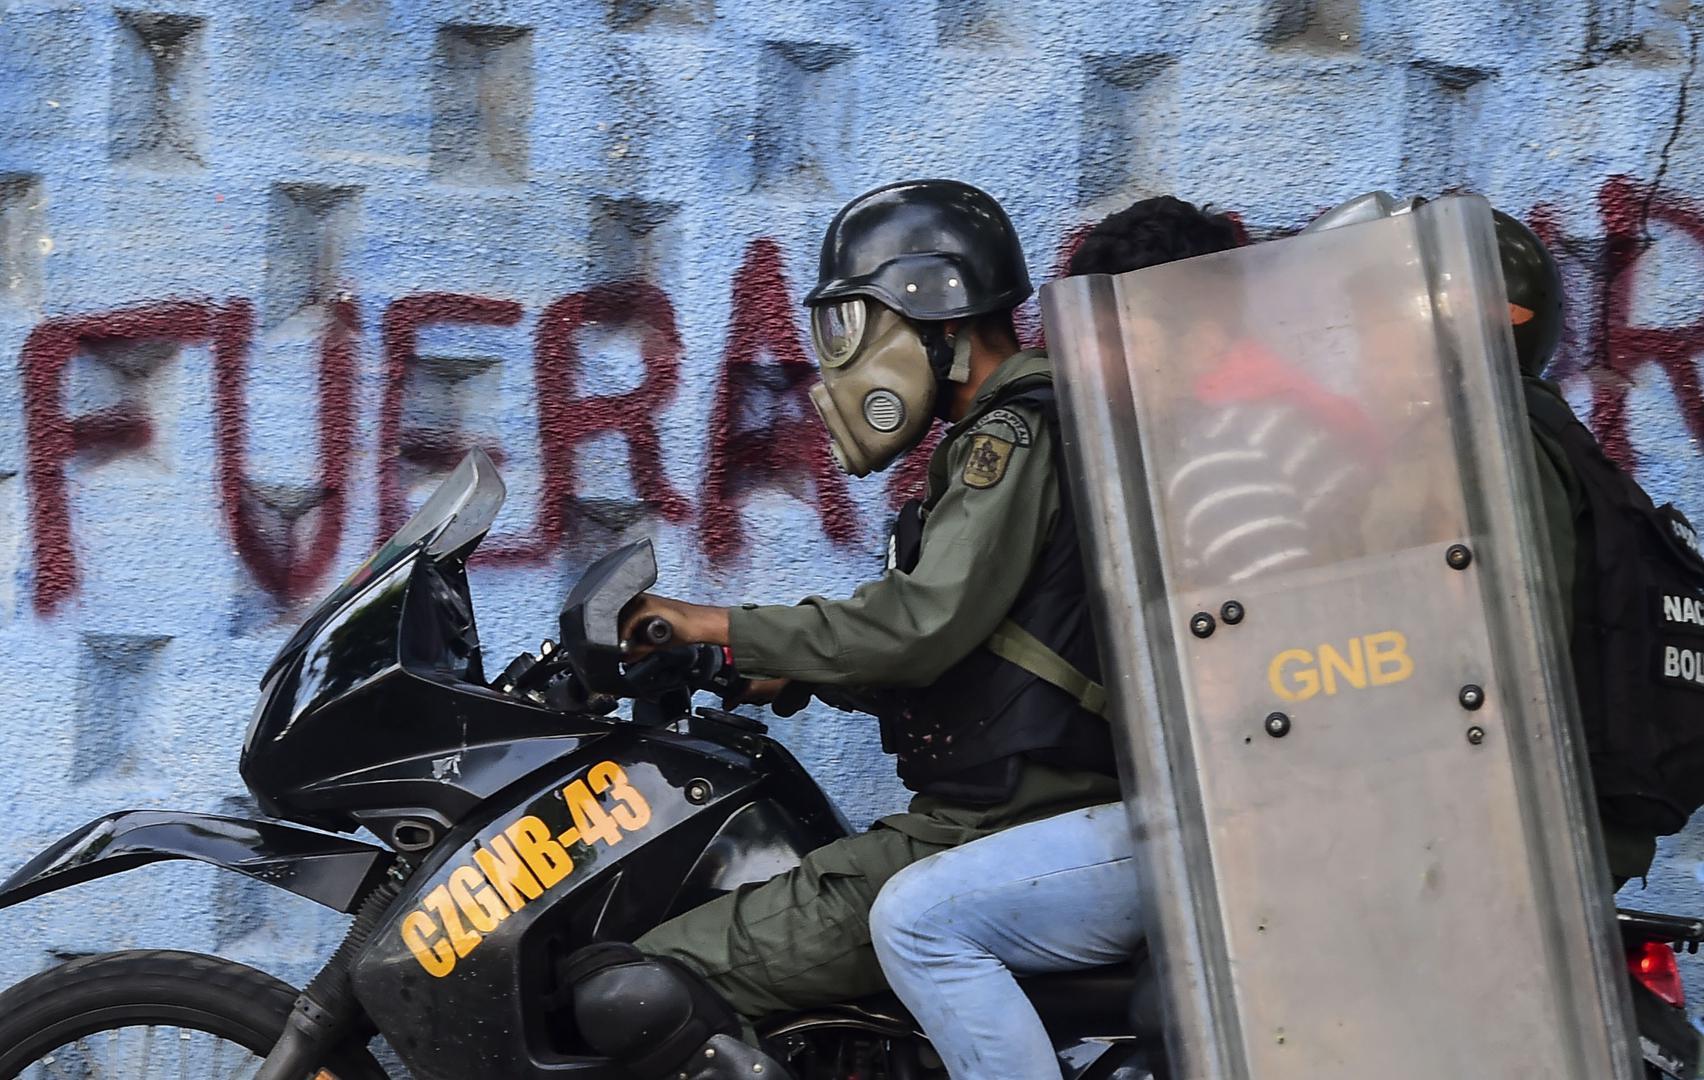 Ein Demonstrant wird bei Protesten gegen die Regierung in Caracas von der Nationalgarde verhaftet, 27. Juli 2017.